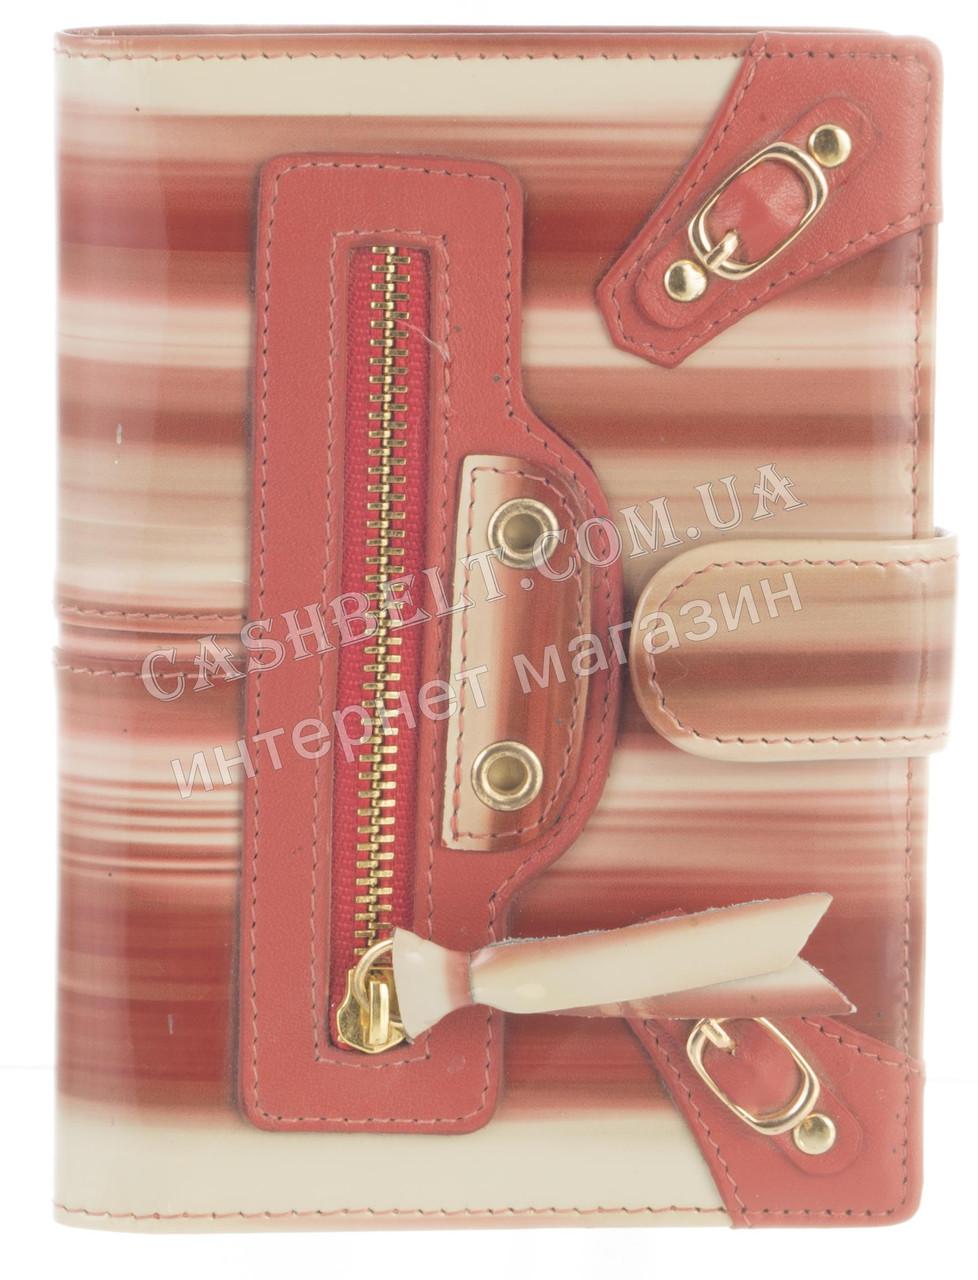 Стильная лаковая кожаная обложка-документница высокого качества Rog Bon art.R6130 красные полосы